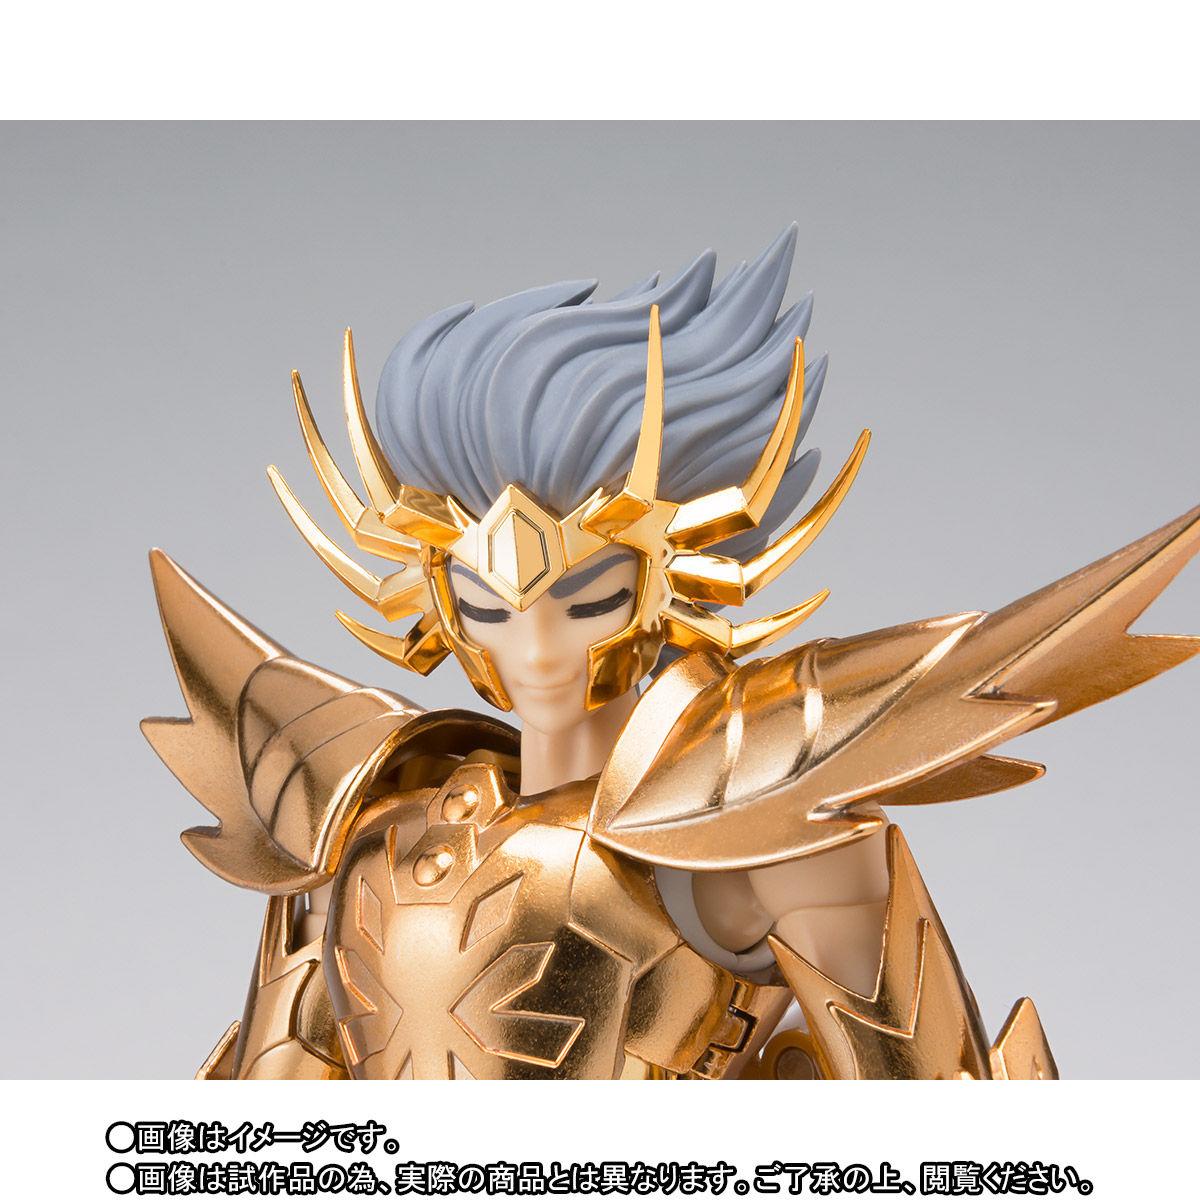 【限定販売】聖闘士聖衣神話EX『キャンサー デスマスク ~ORIGINAL COLOR EDITION~』可動フィギュア-007